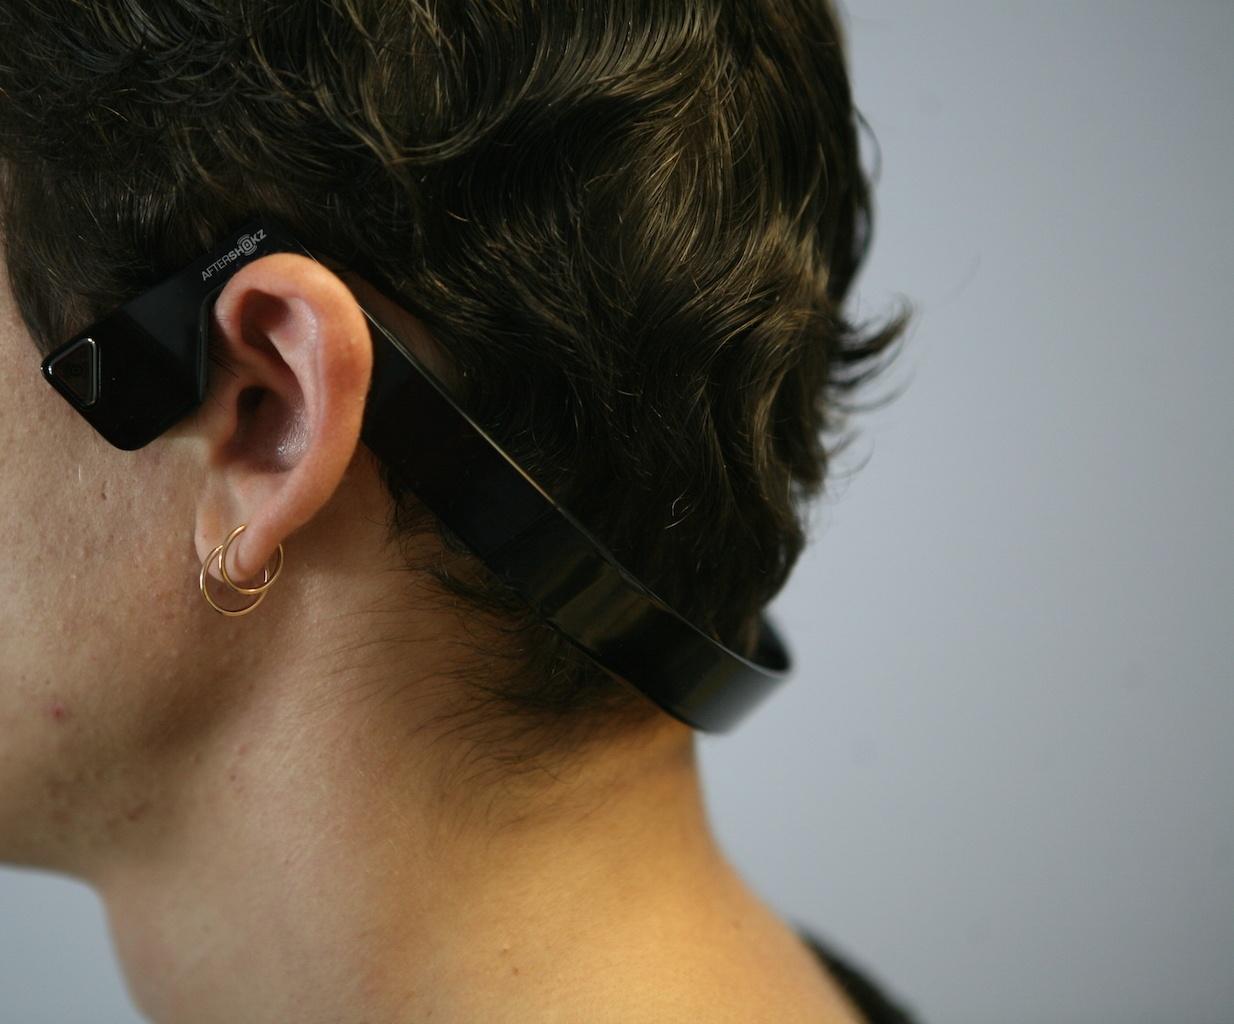 Как сделать наушники с костной проводимостью звука дома за 5 минут и разбор популярных заблуждений об этой технологии - 20